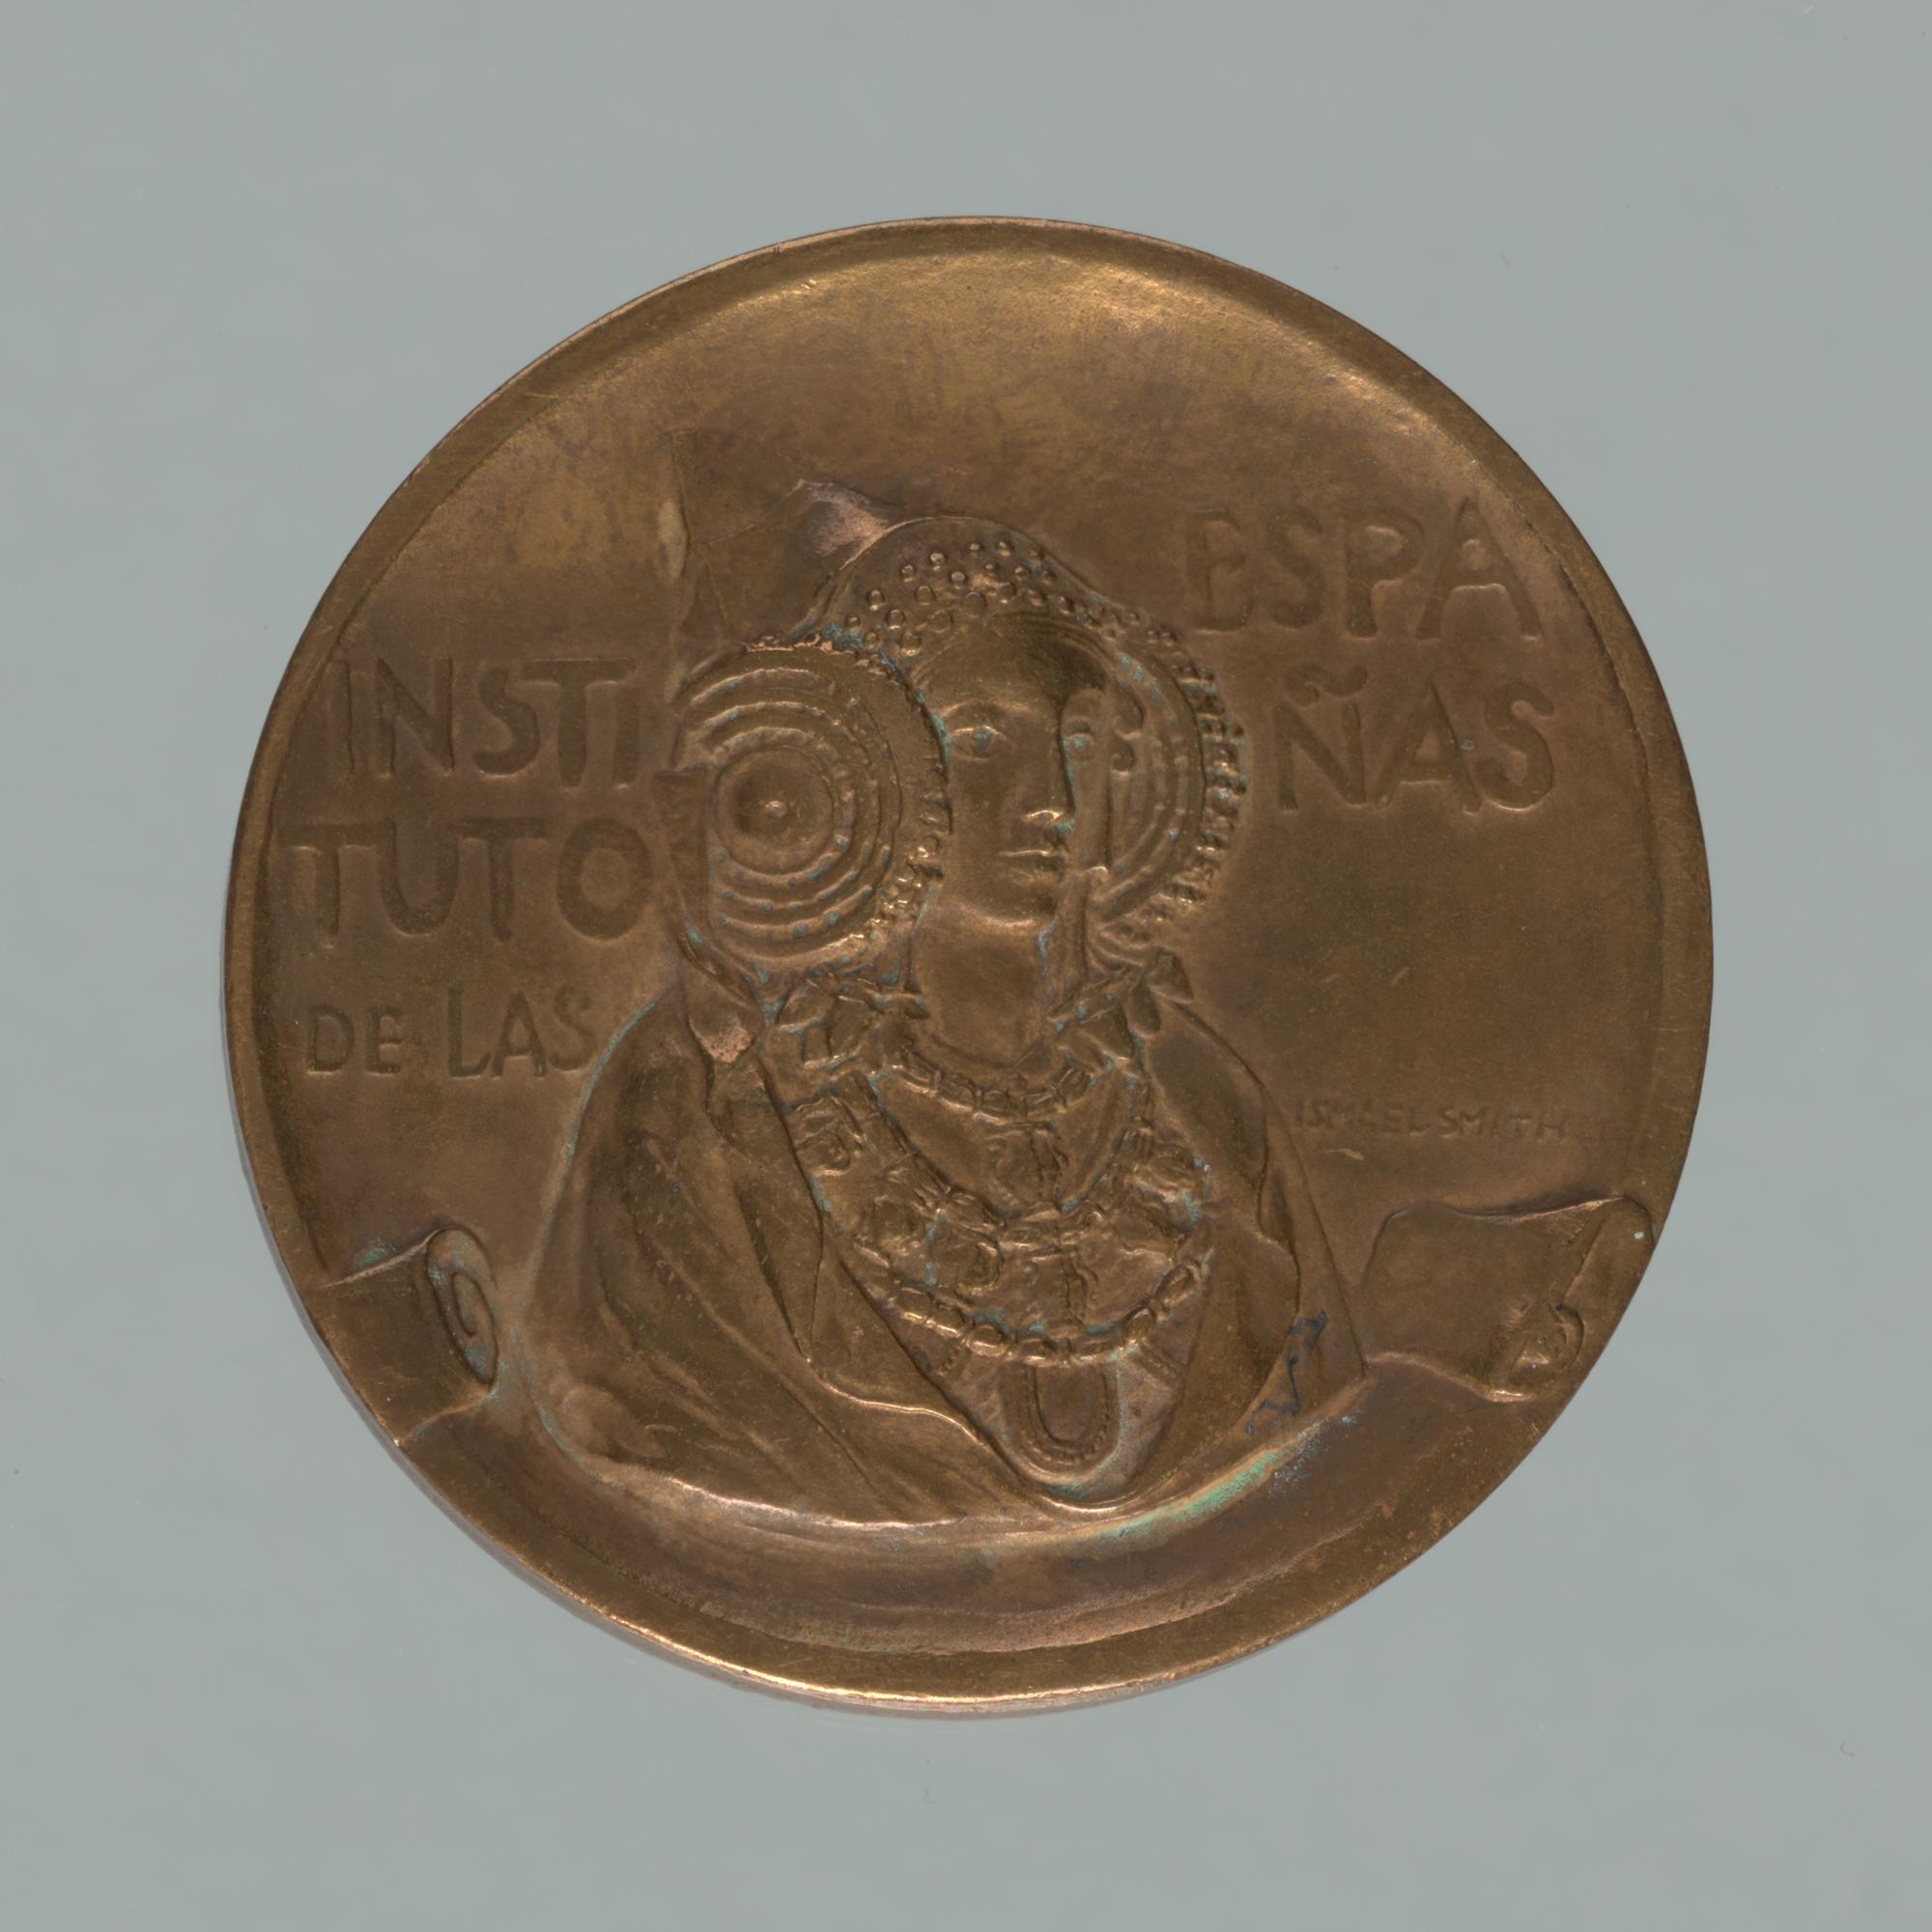 Instituto de las Españas Medal . recto